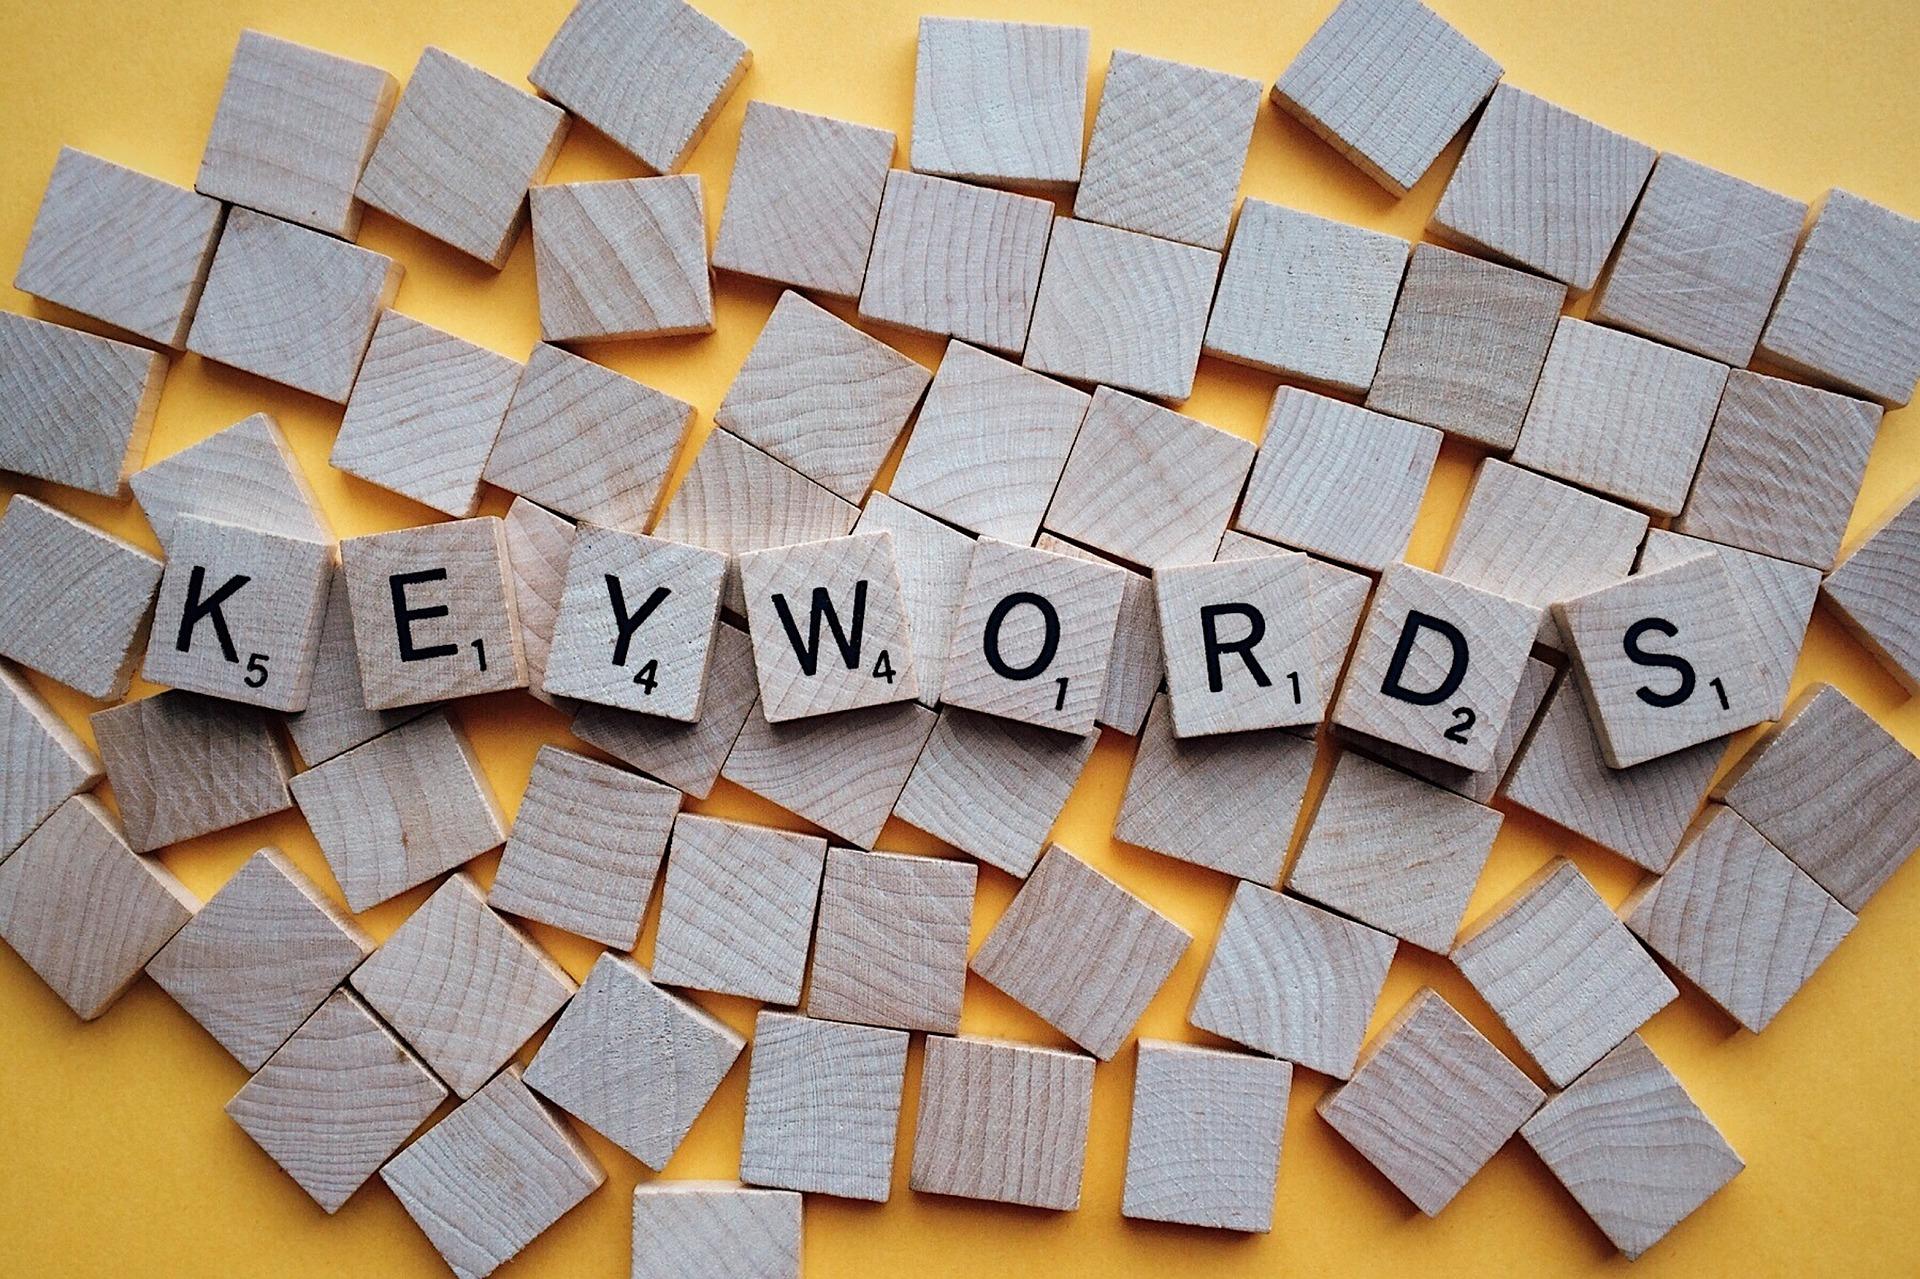 LSI Keywords & Word2Vec